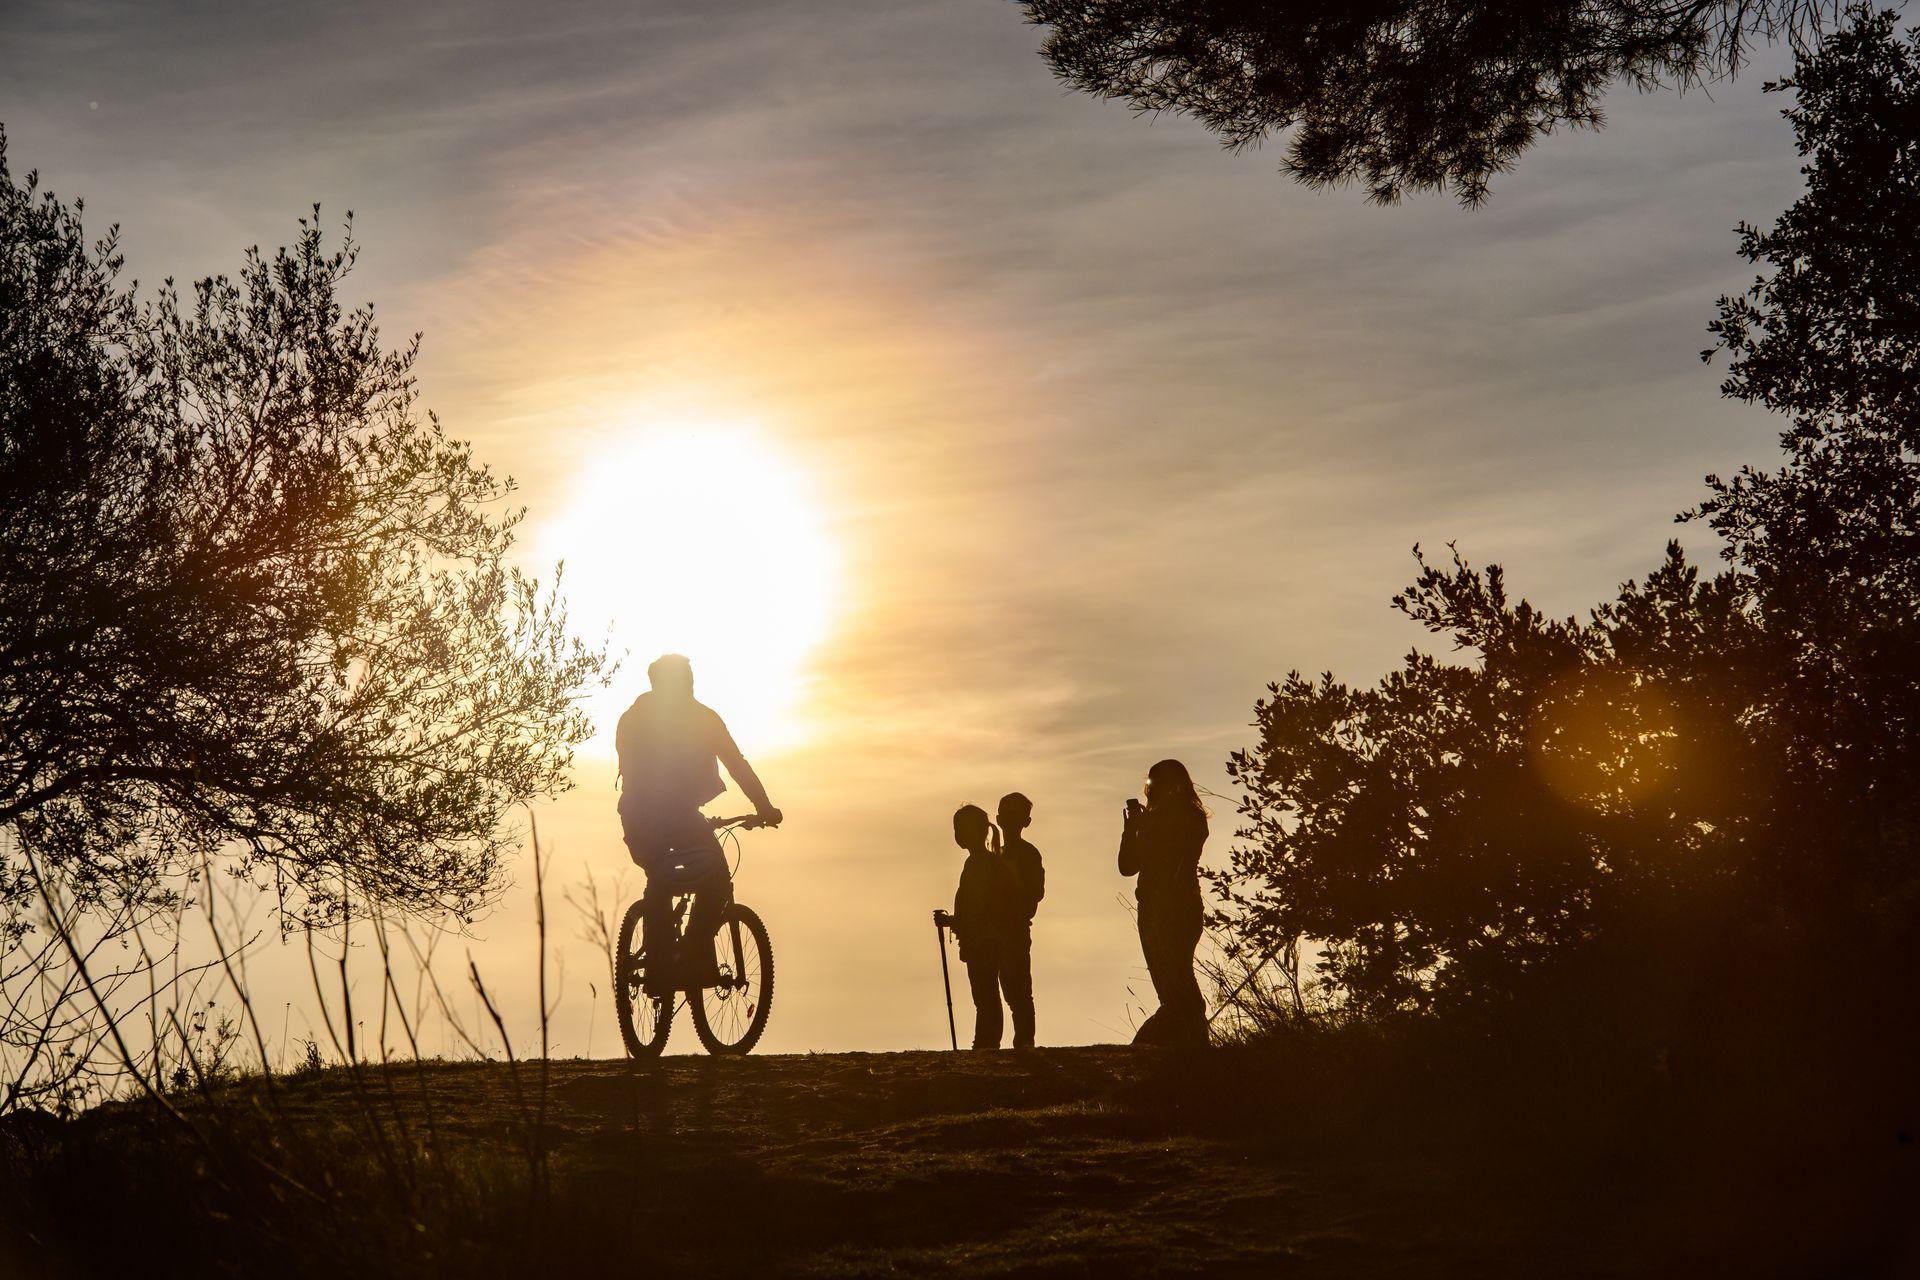 un vétetiste croise une famille de randonneurs